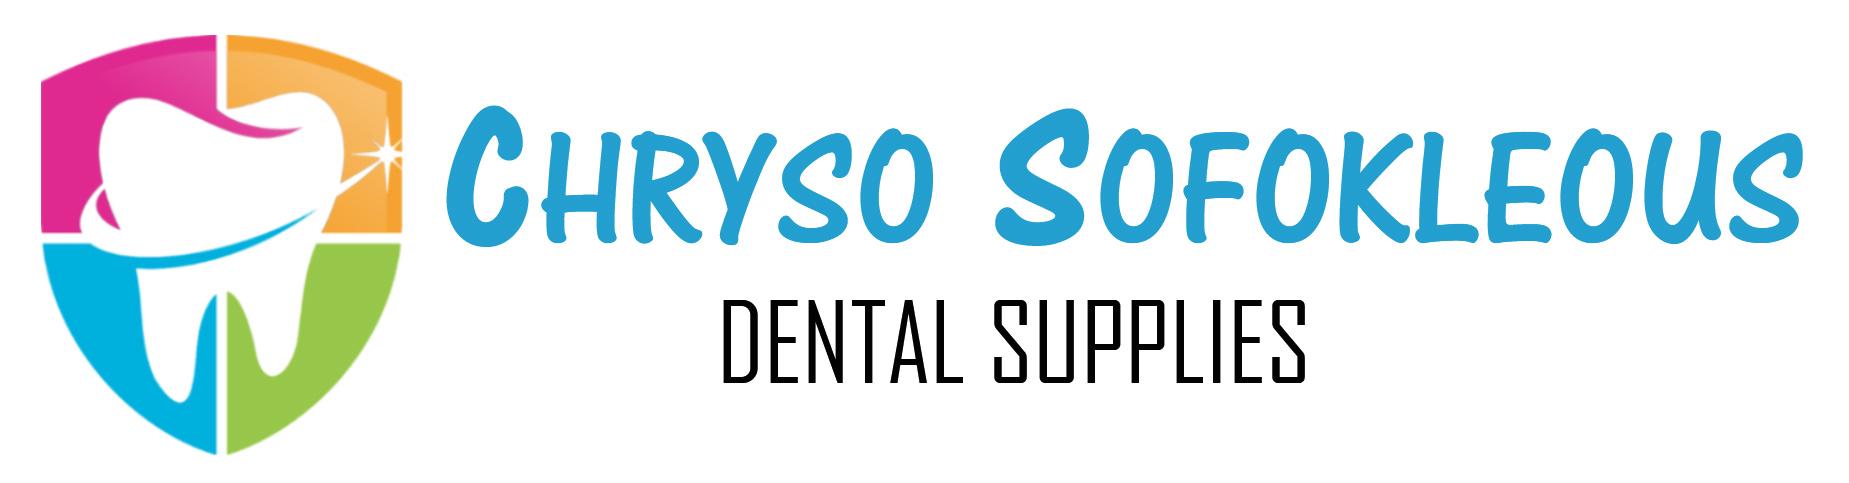 Chryso's Dental